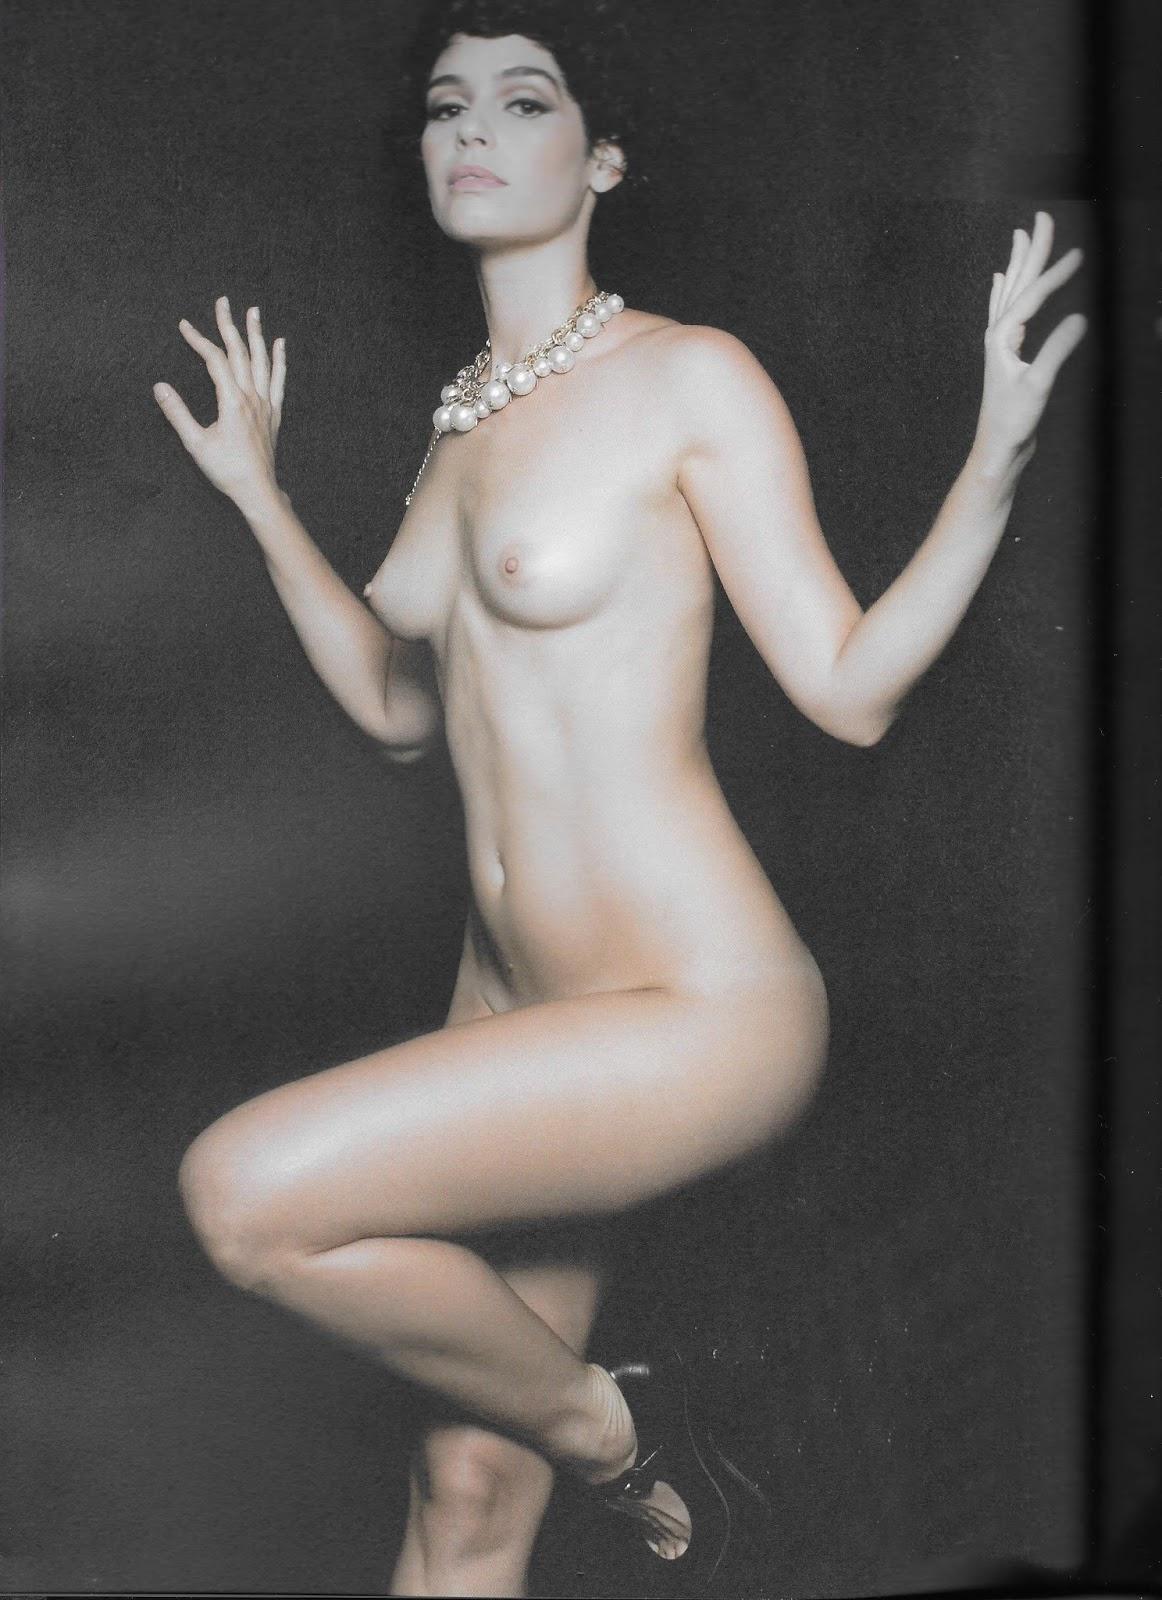 Maria Flor nua na Revista #3 oloxa maria2